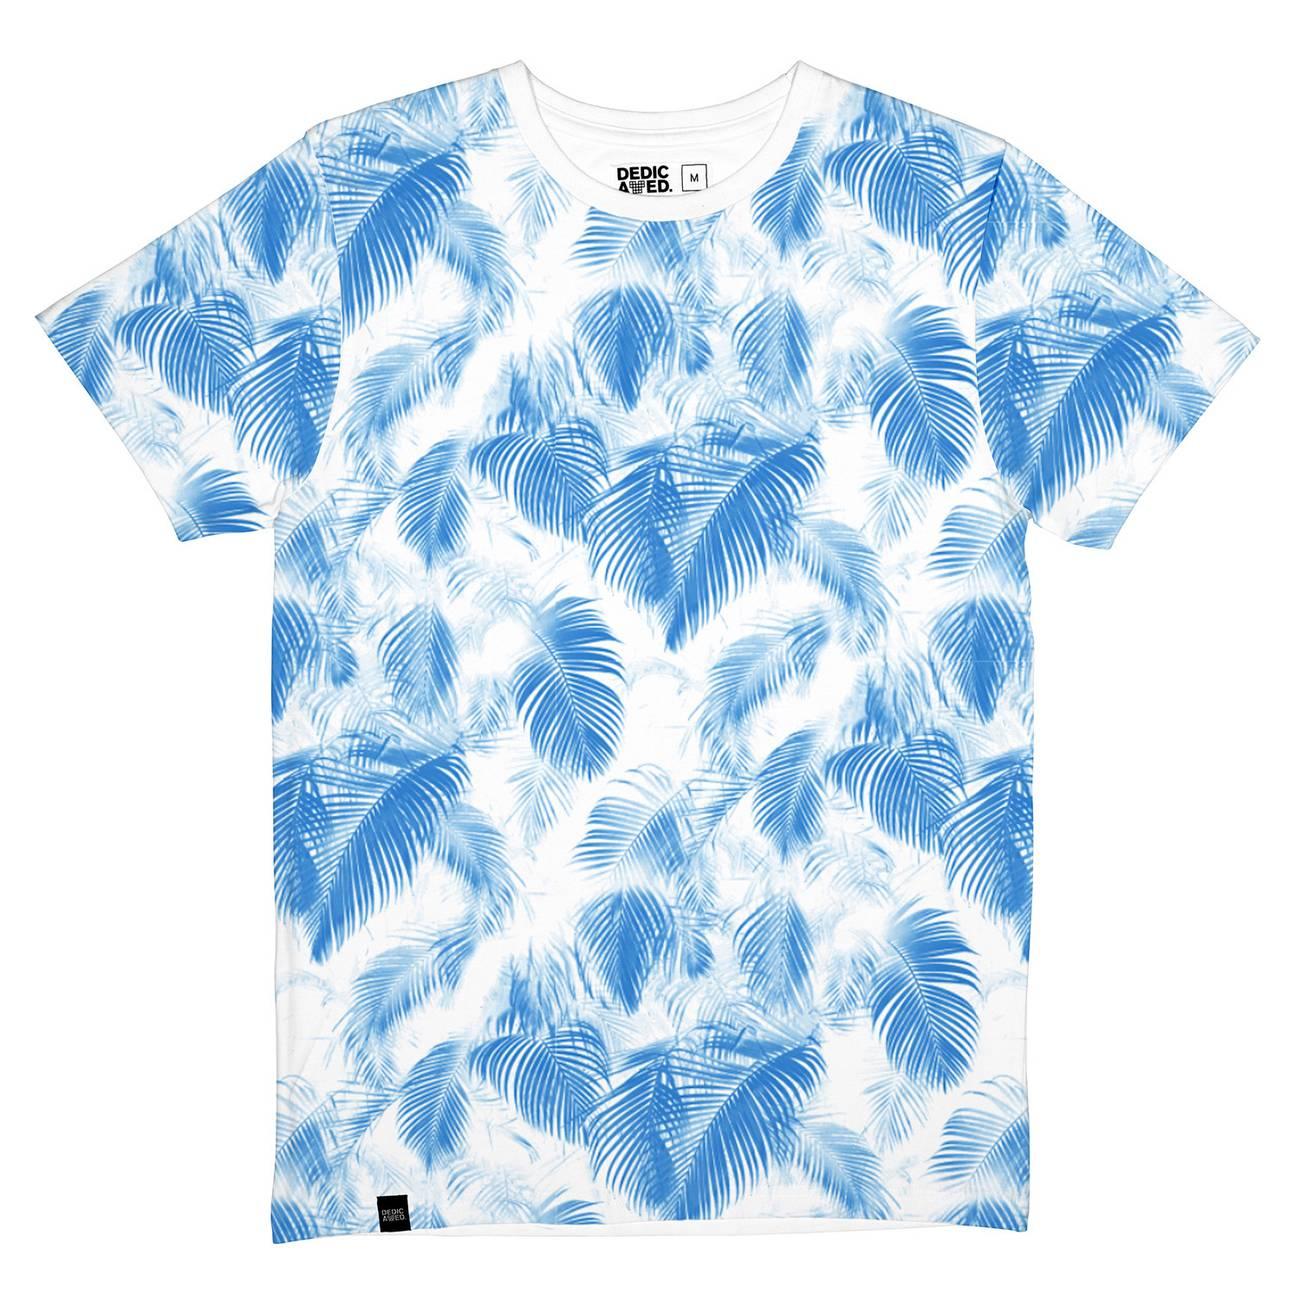 Stockholm T-shirt Blue Leaves